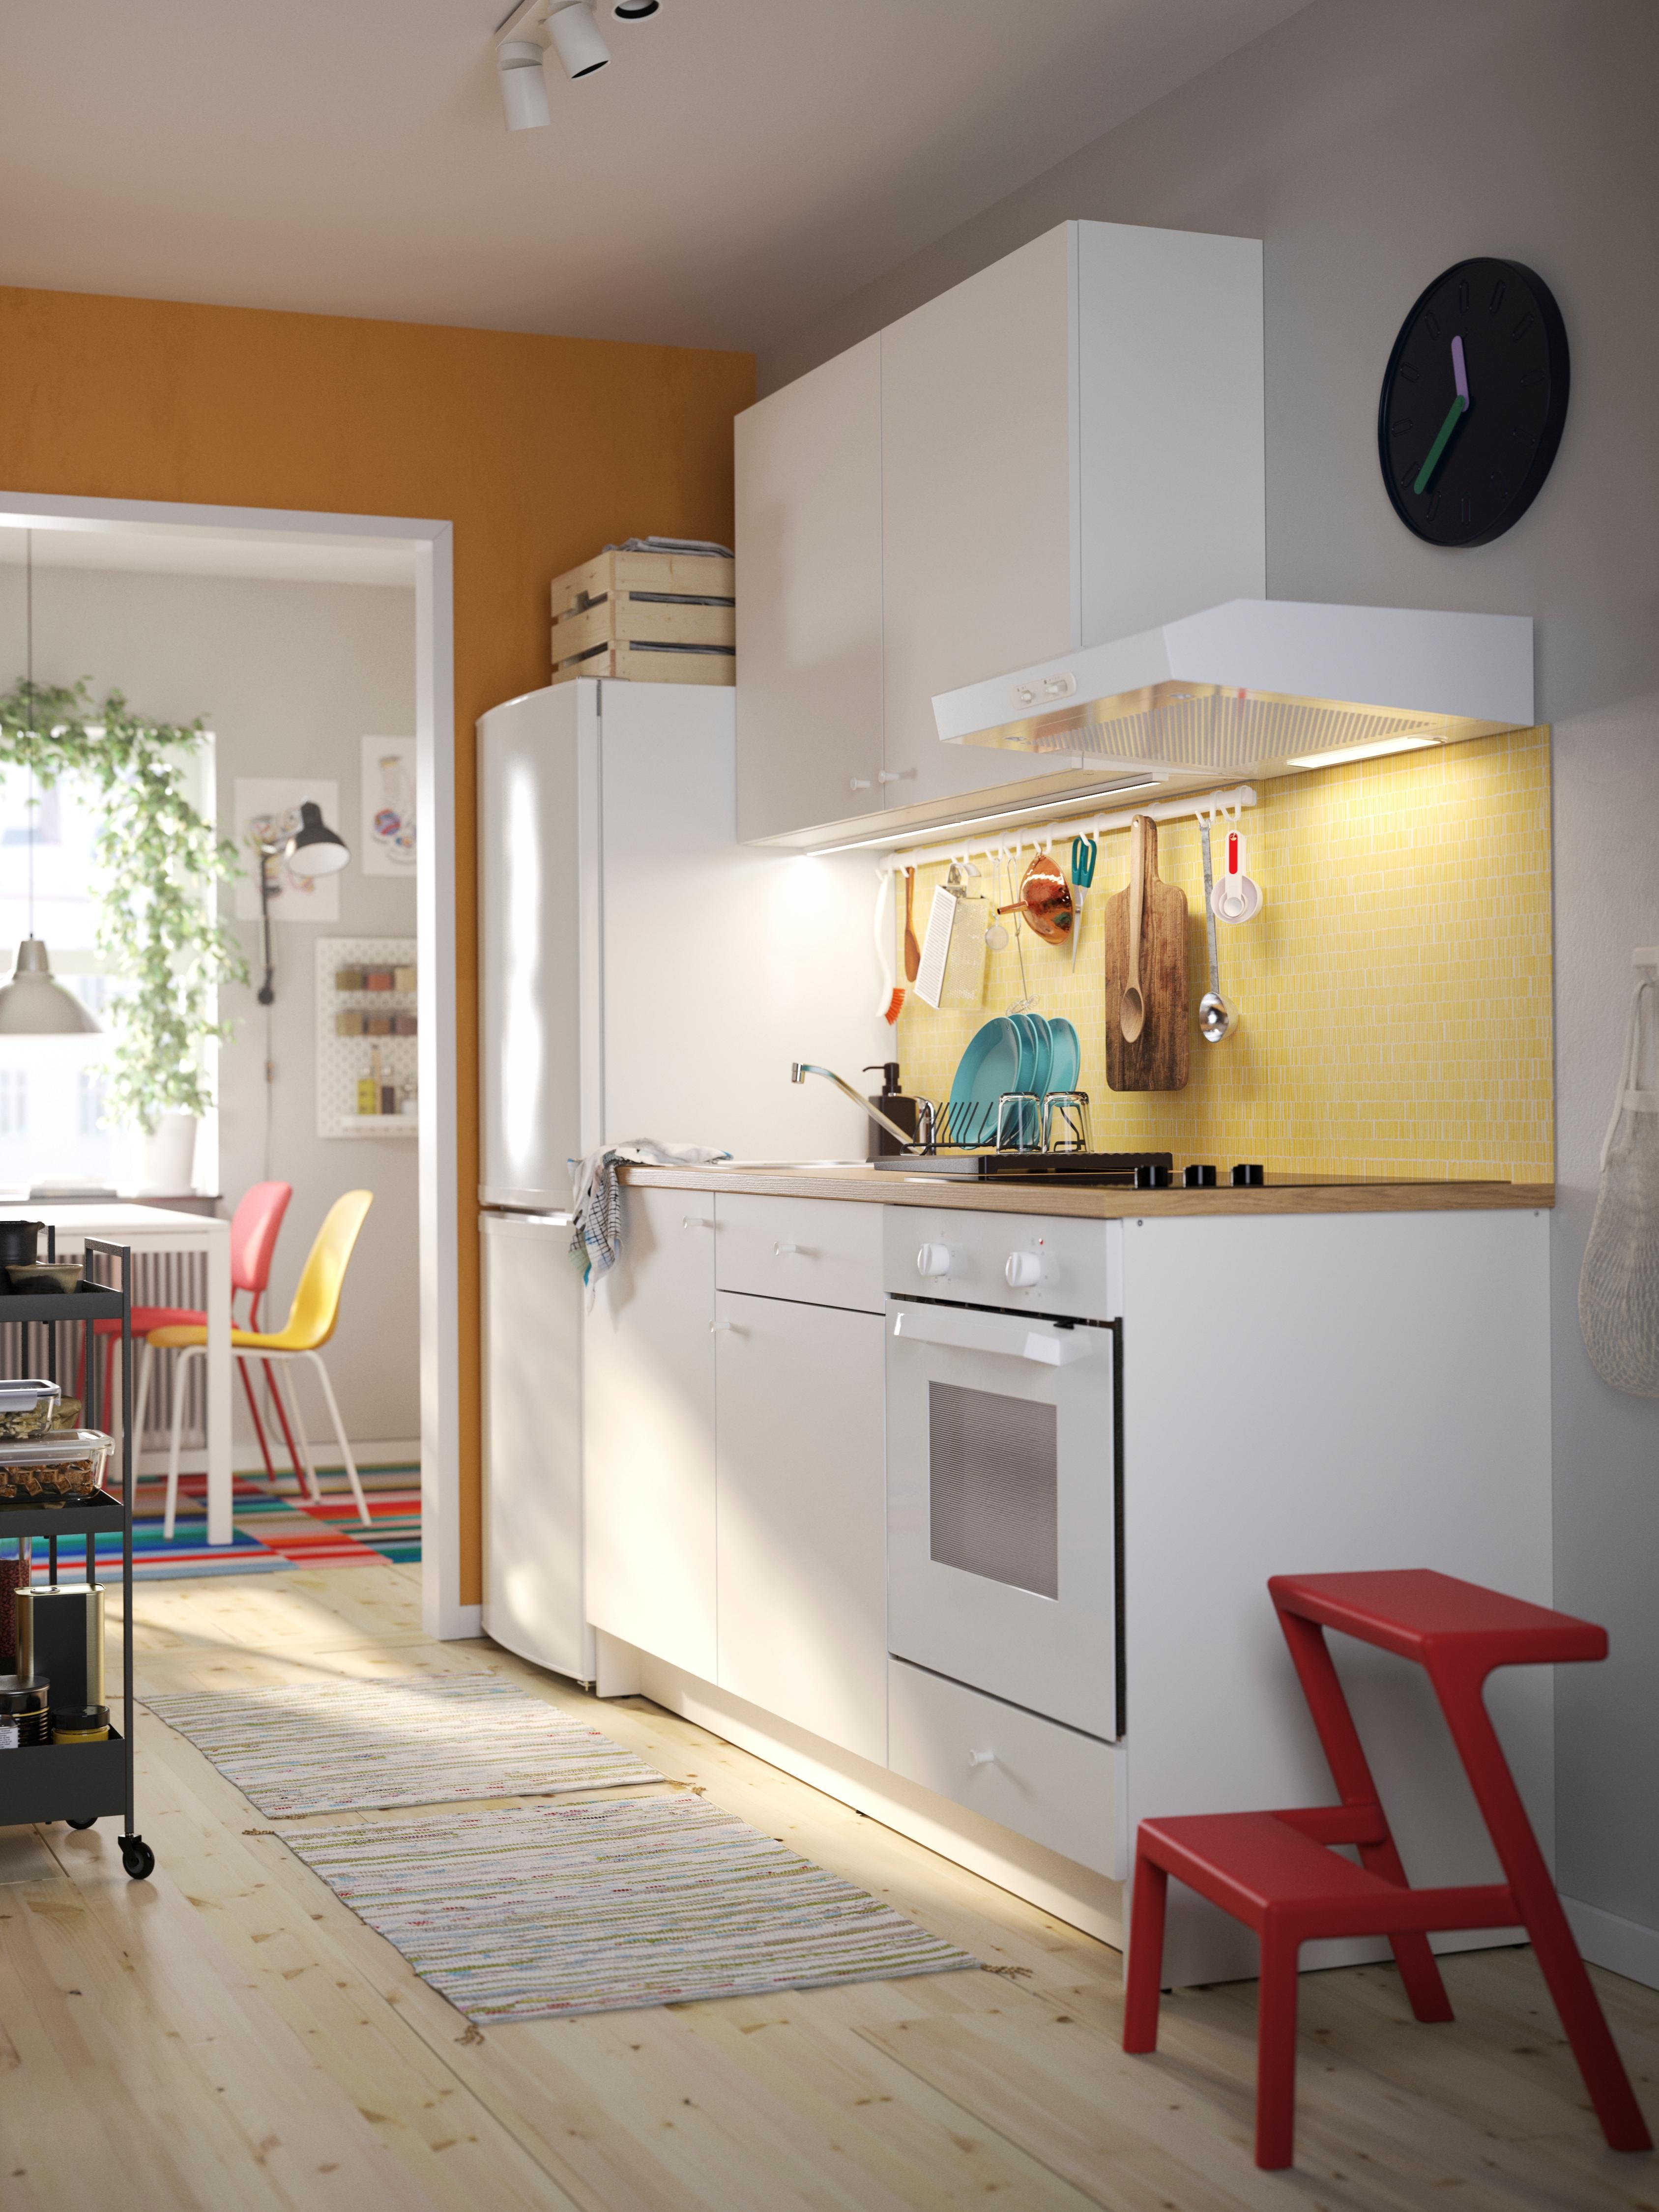 Weiße KNOXHULT Schränke mit Türen und Schubladen in einer Küche mit zwei Teppichen und einem roten Tritthocker auf einem Holzboden.